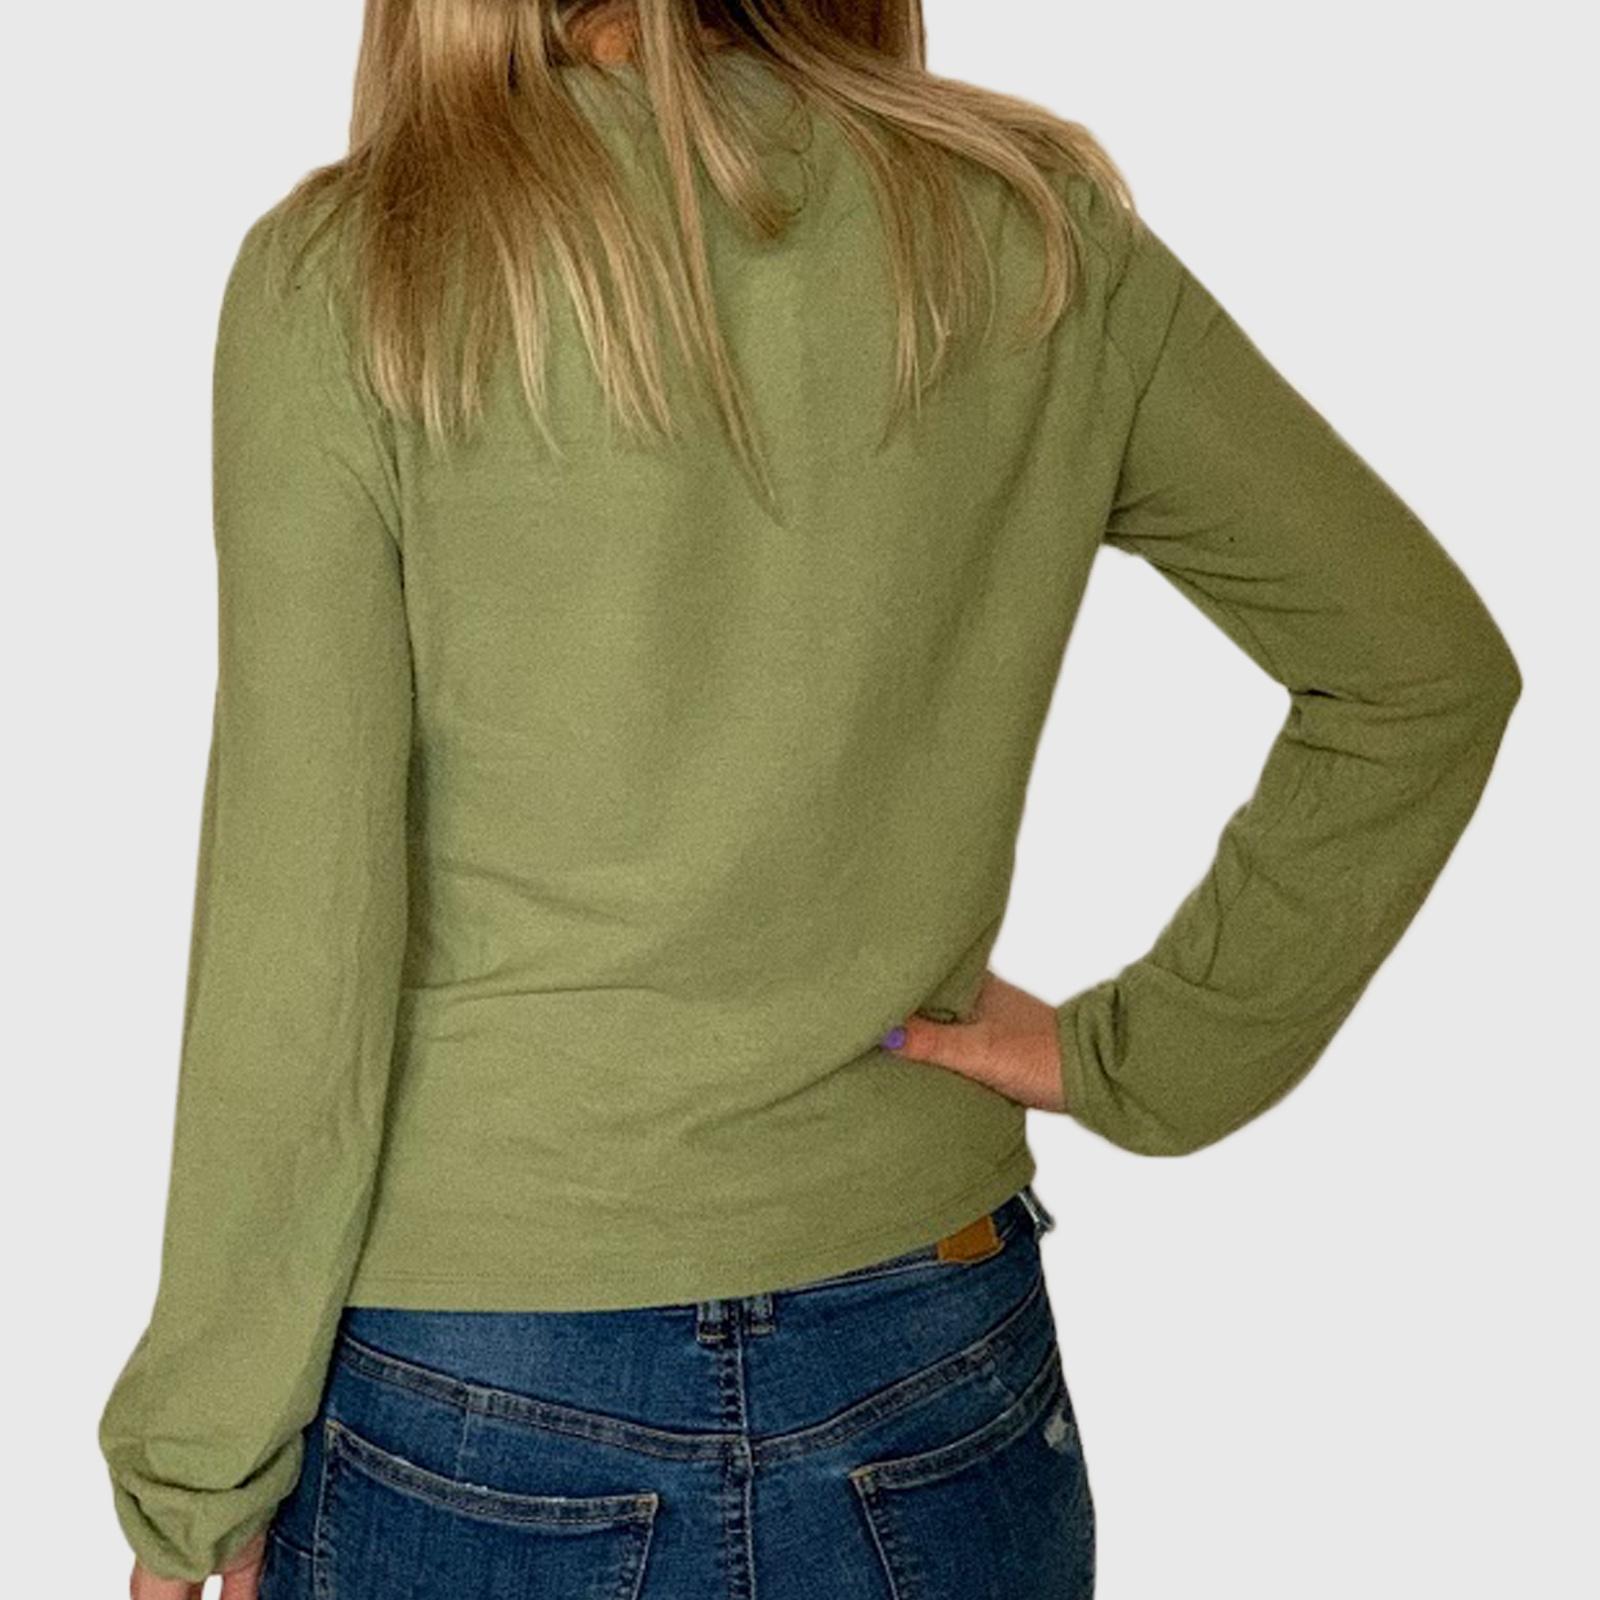 Купить в интернет магазине молодежную женскую кофту на каждый день